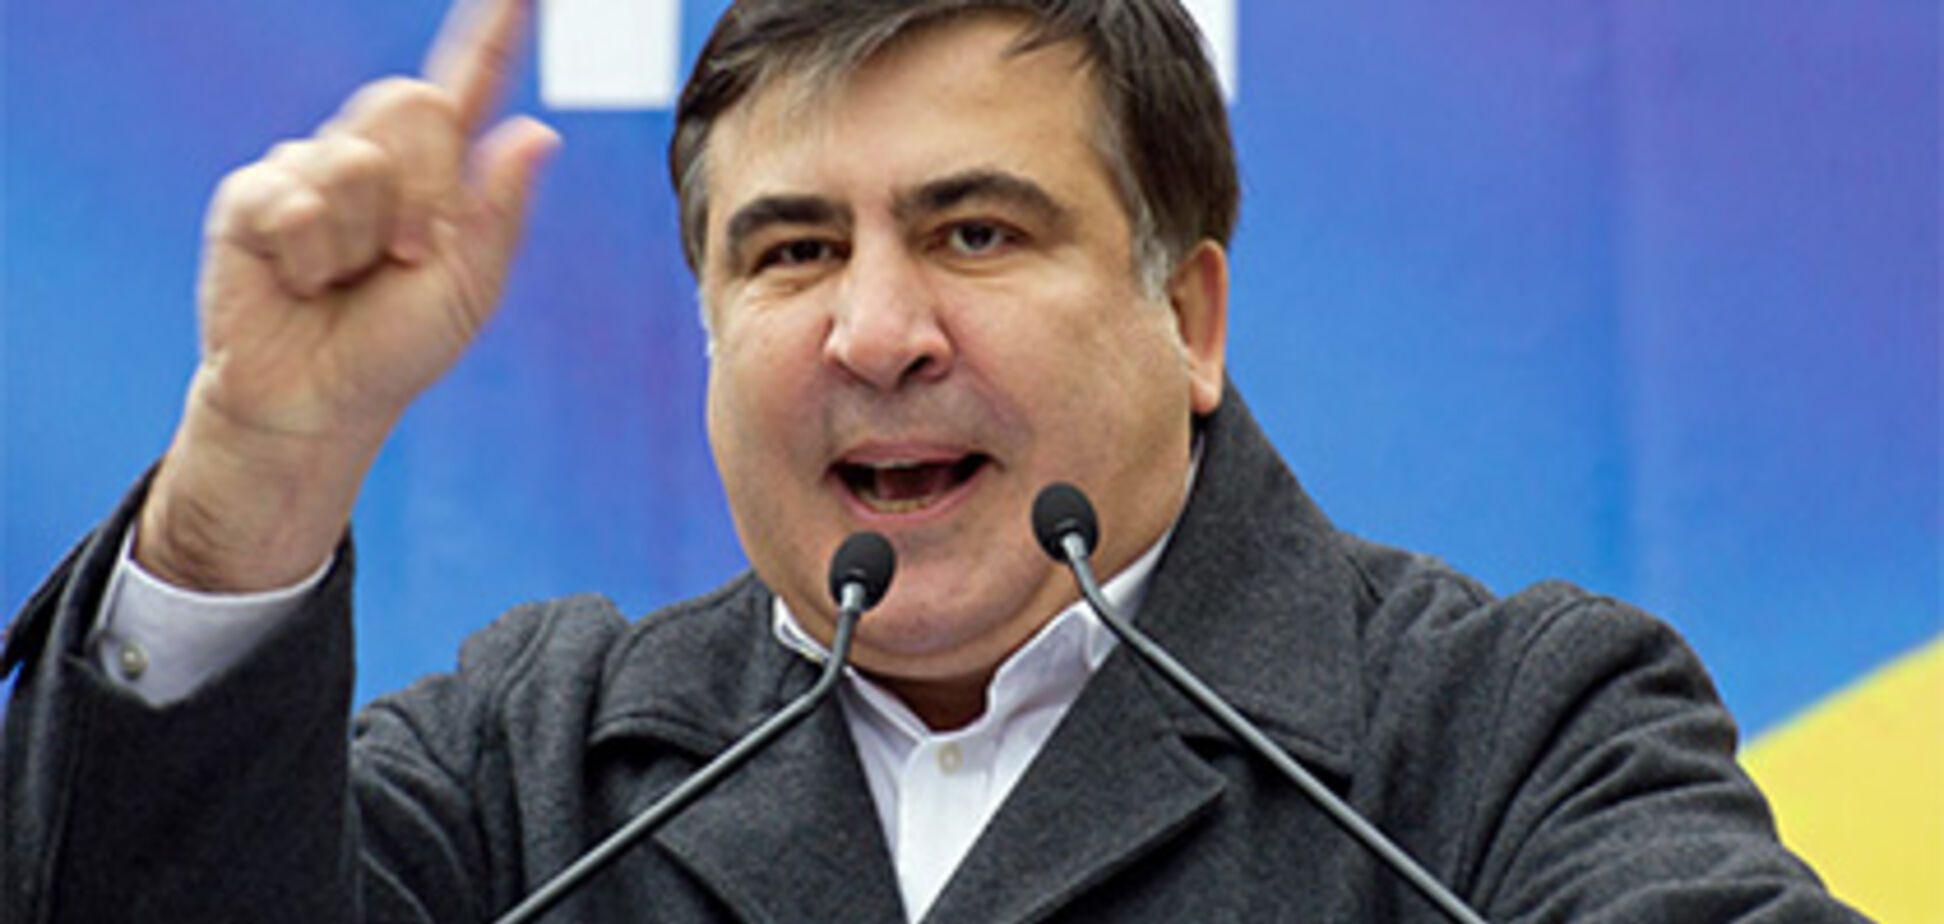 Саакашвили заставил сотни тысяч человек перевести деньги в его фонды – правозащитница